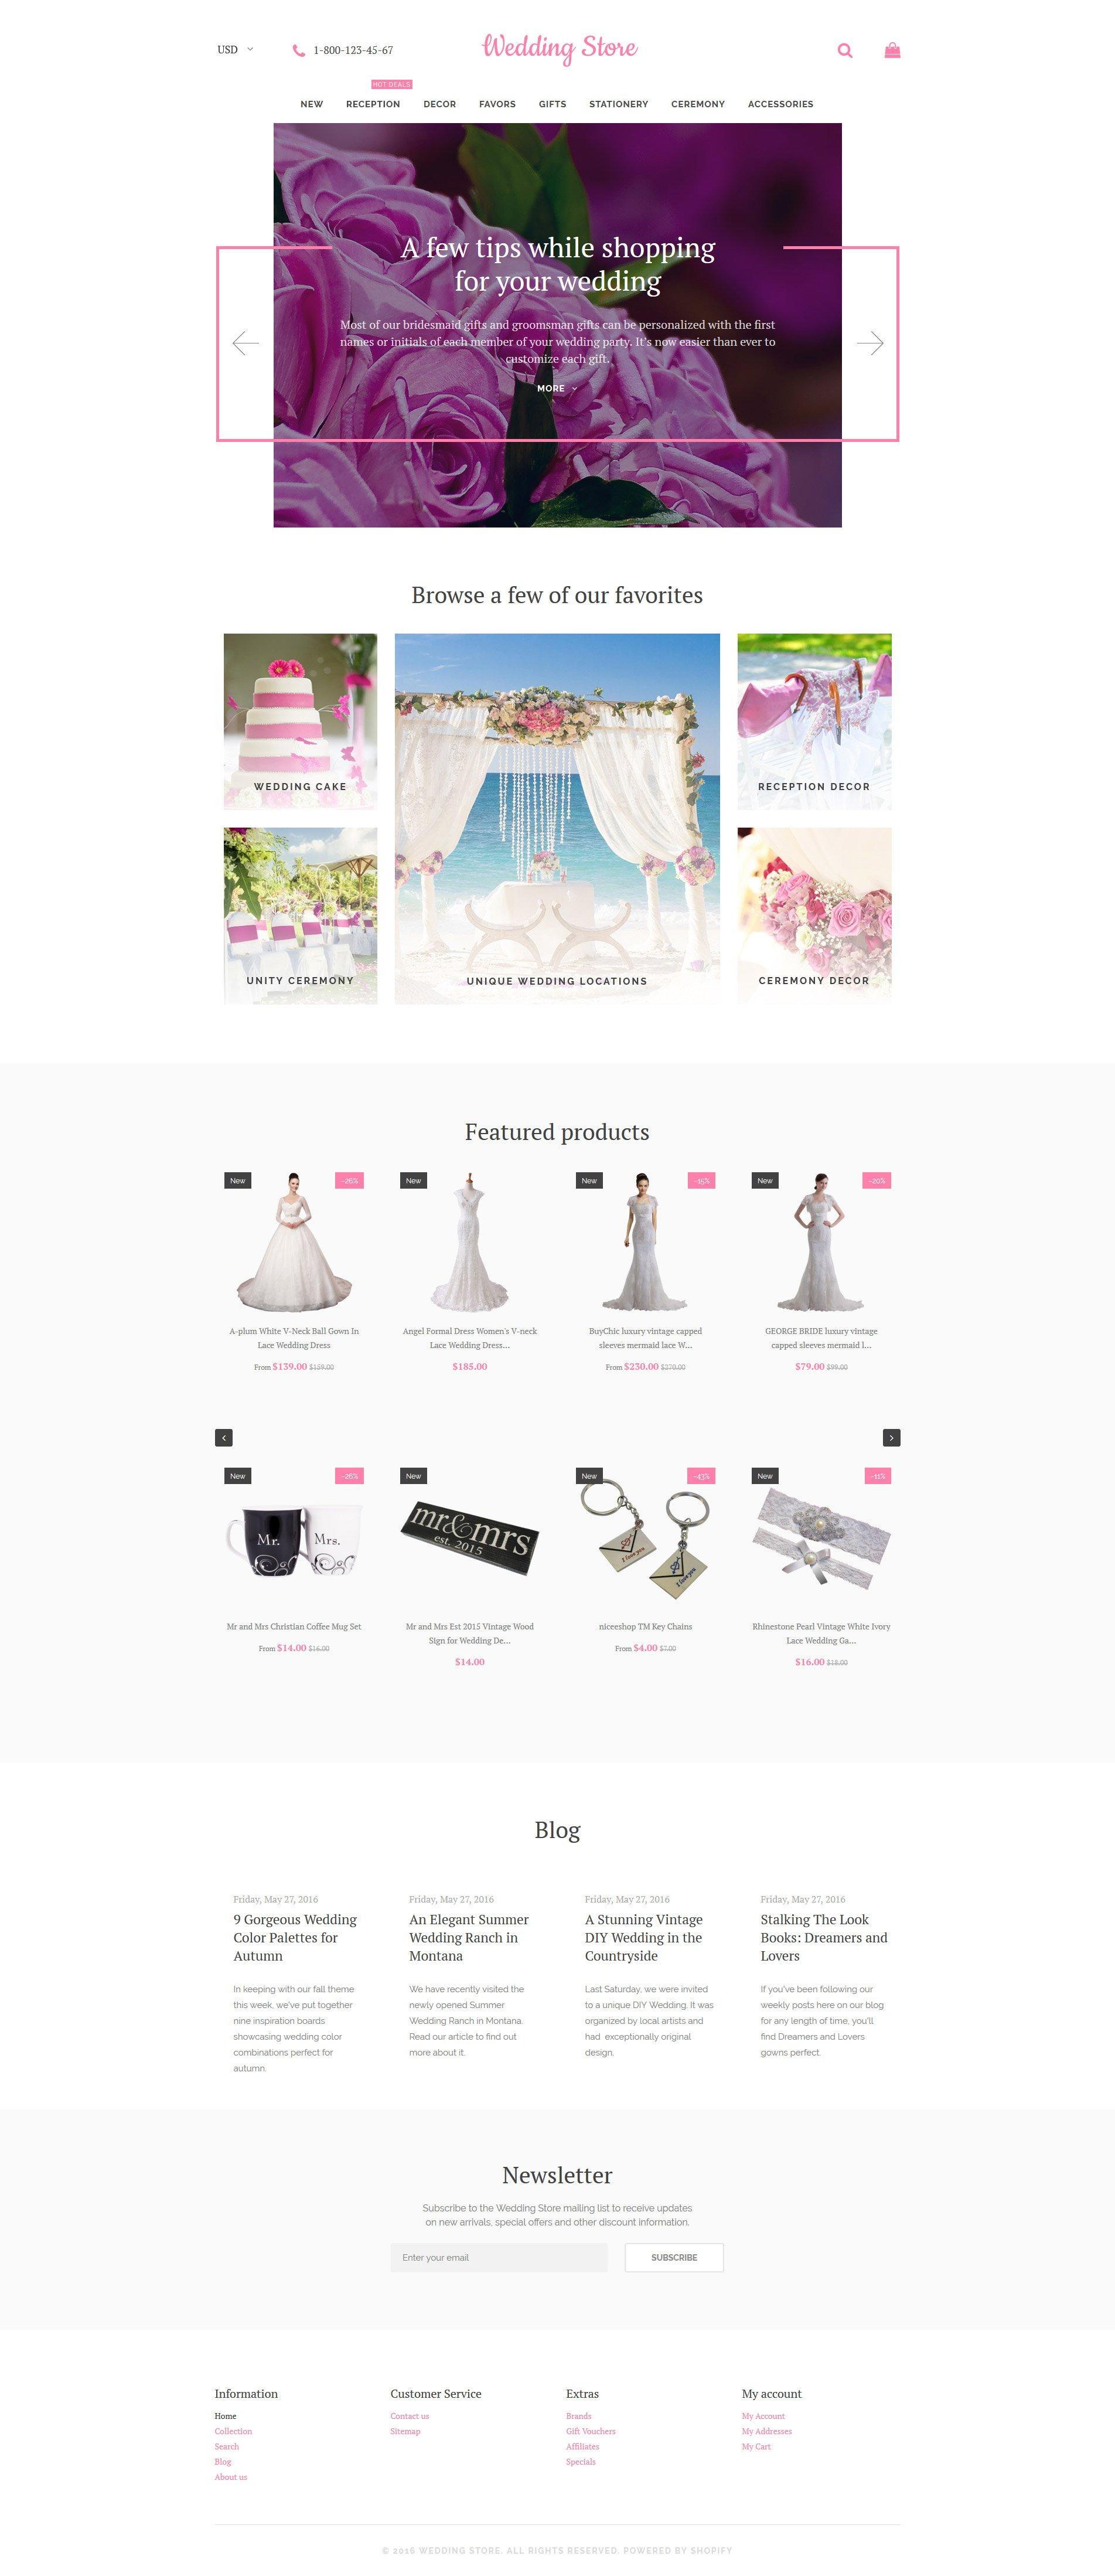 Reszponzív Wedding Store Shopify sablon 58236 - képernyőkép